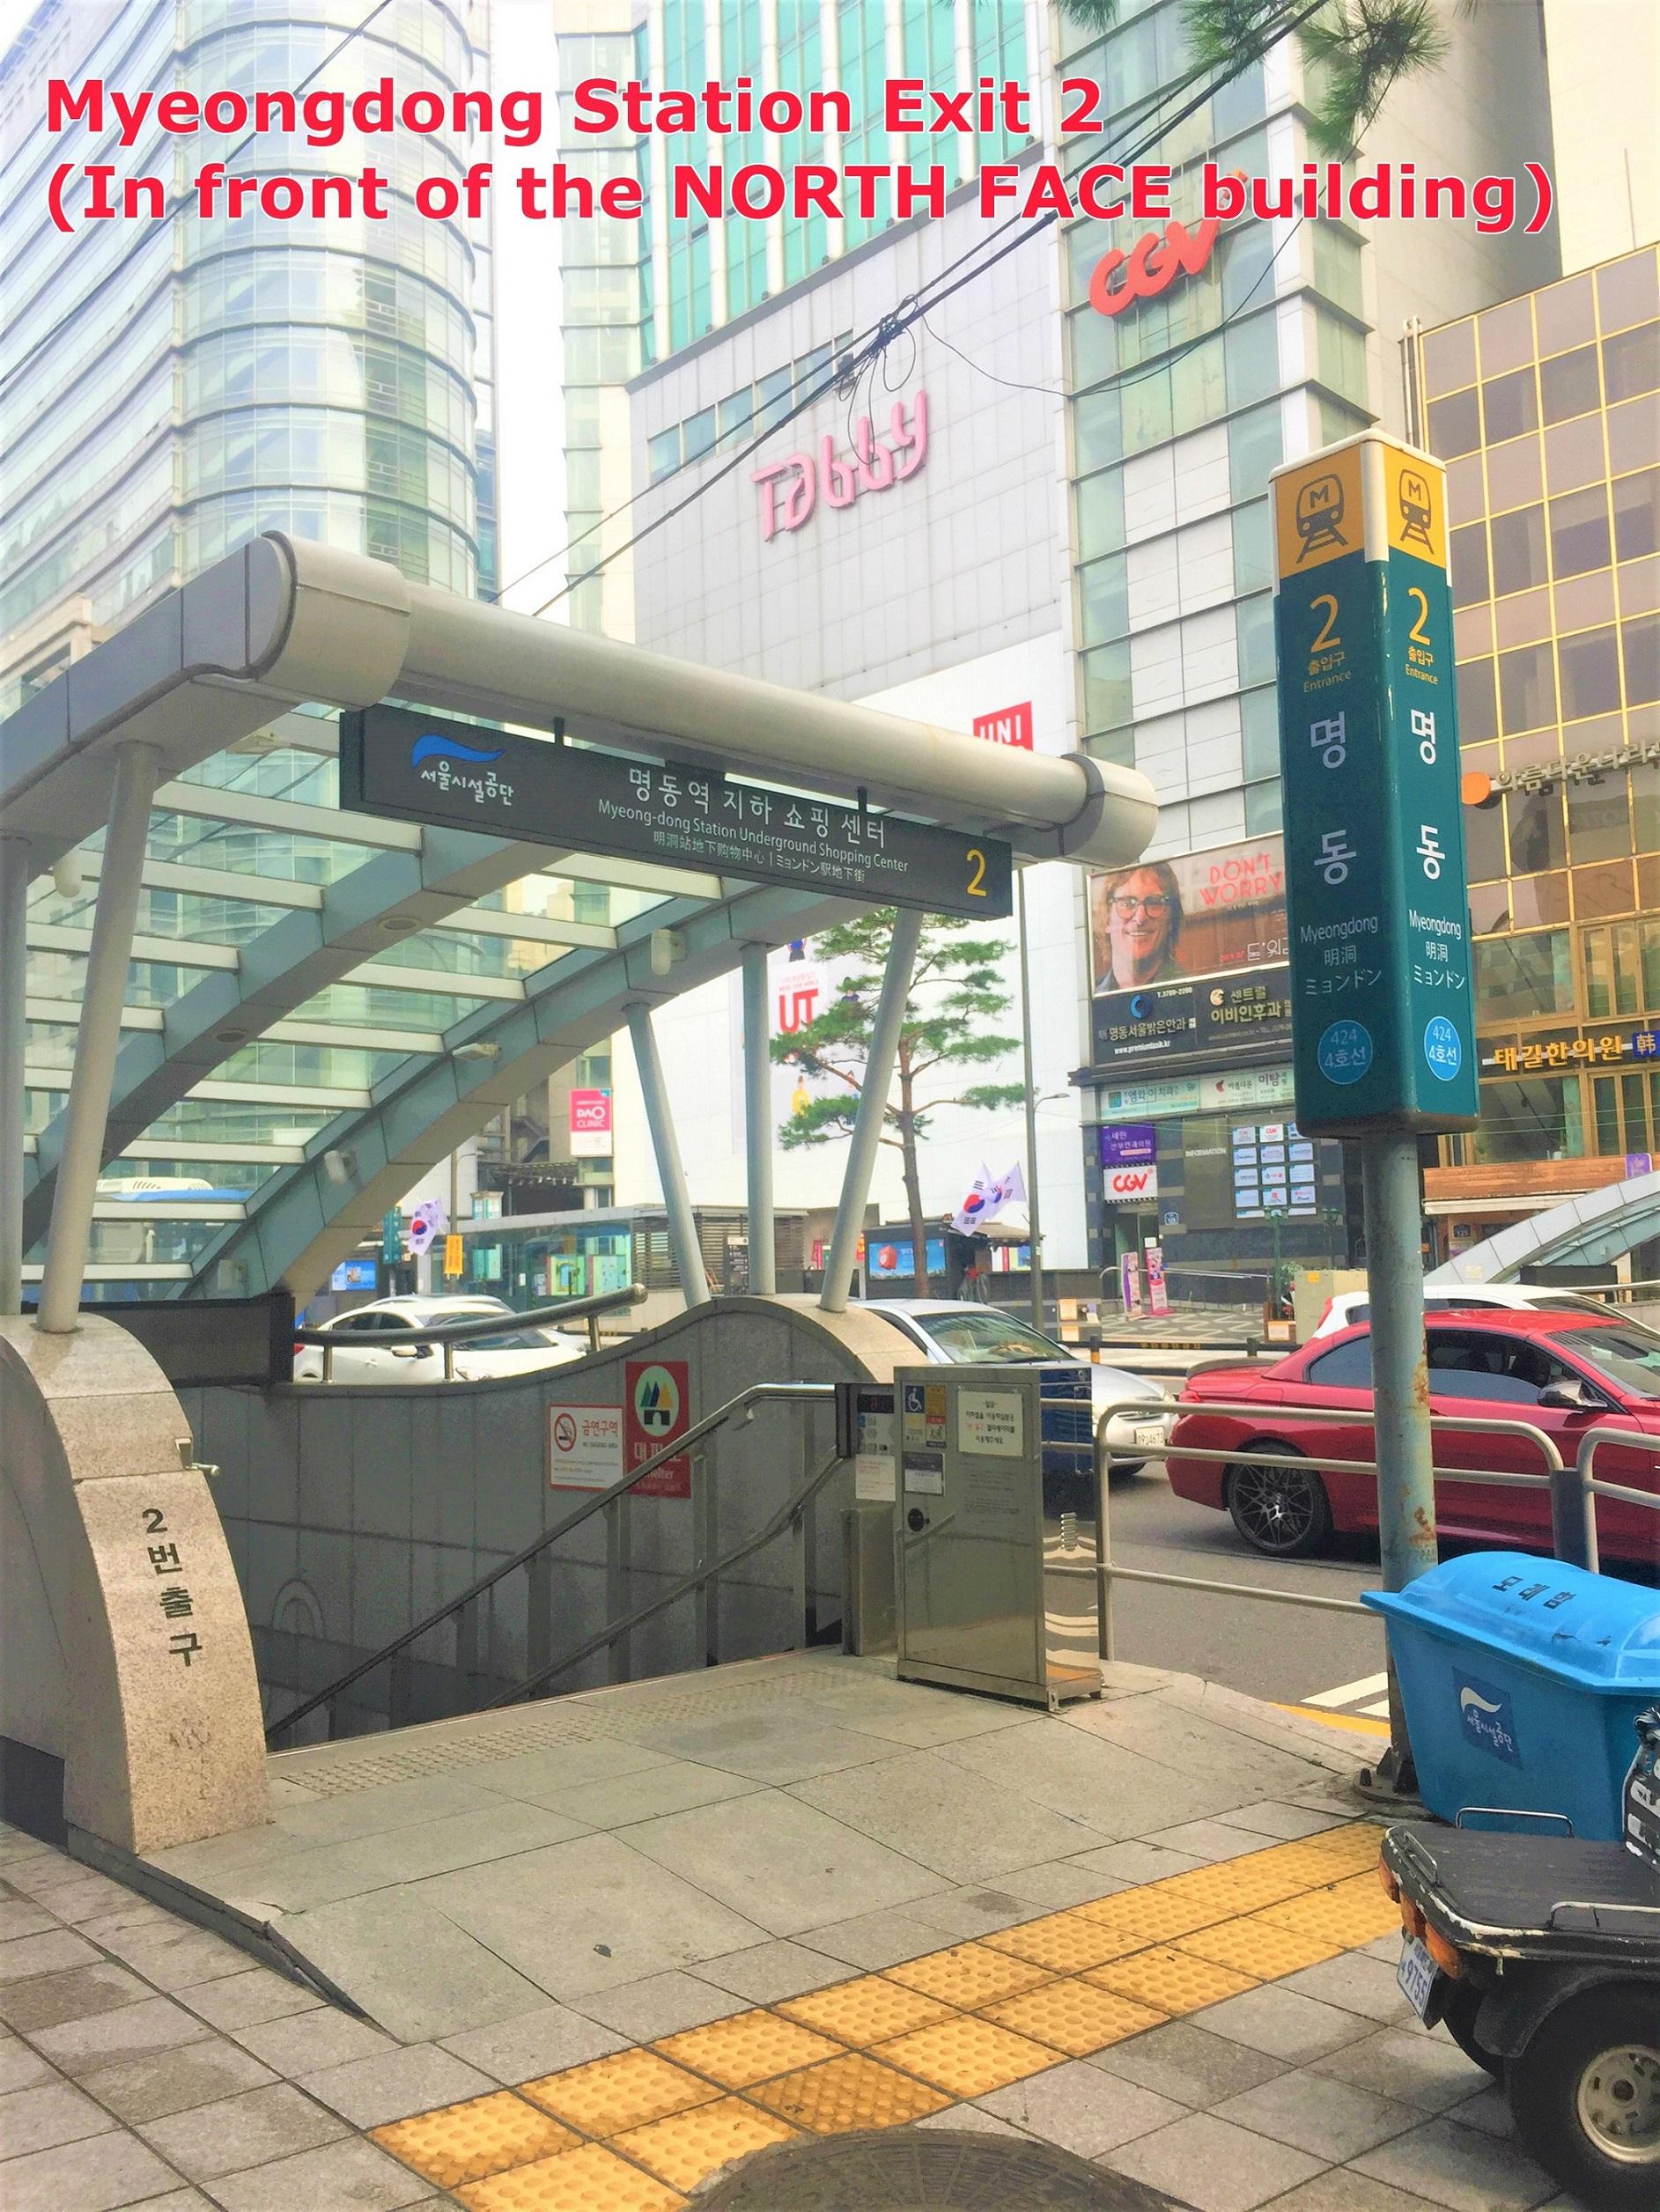 [Seoul]Myeongdong Station Exit 2